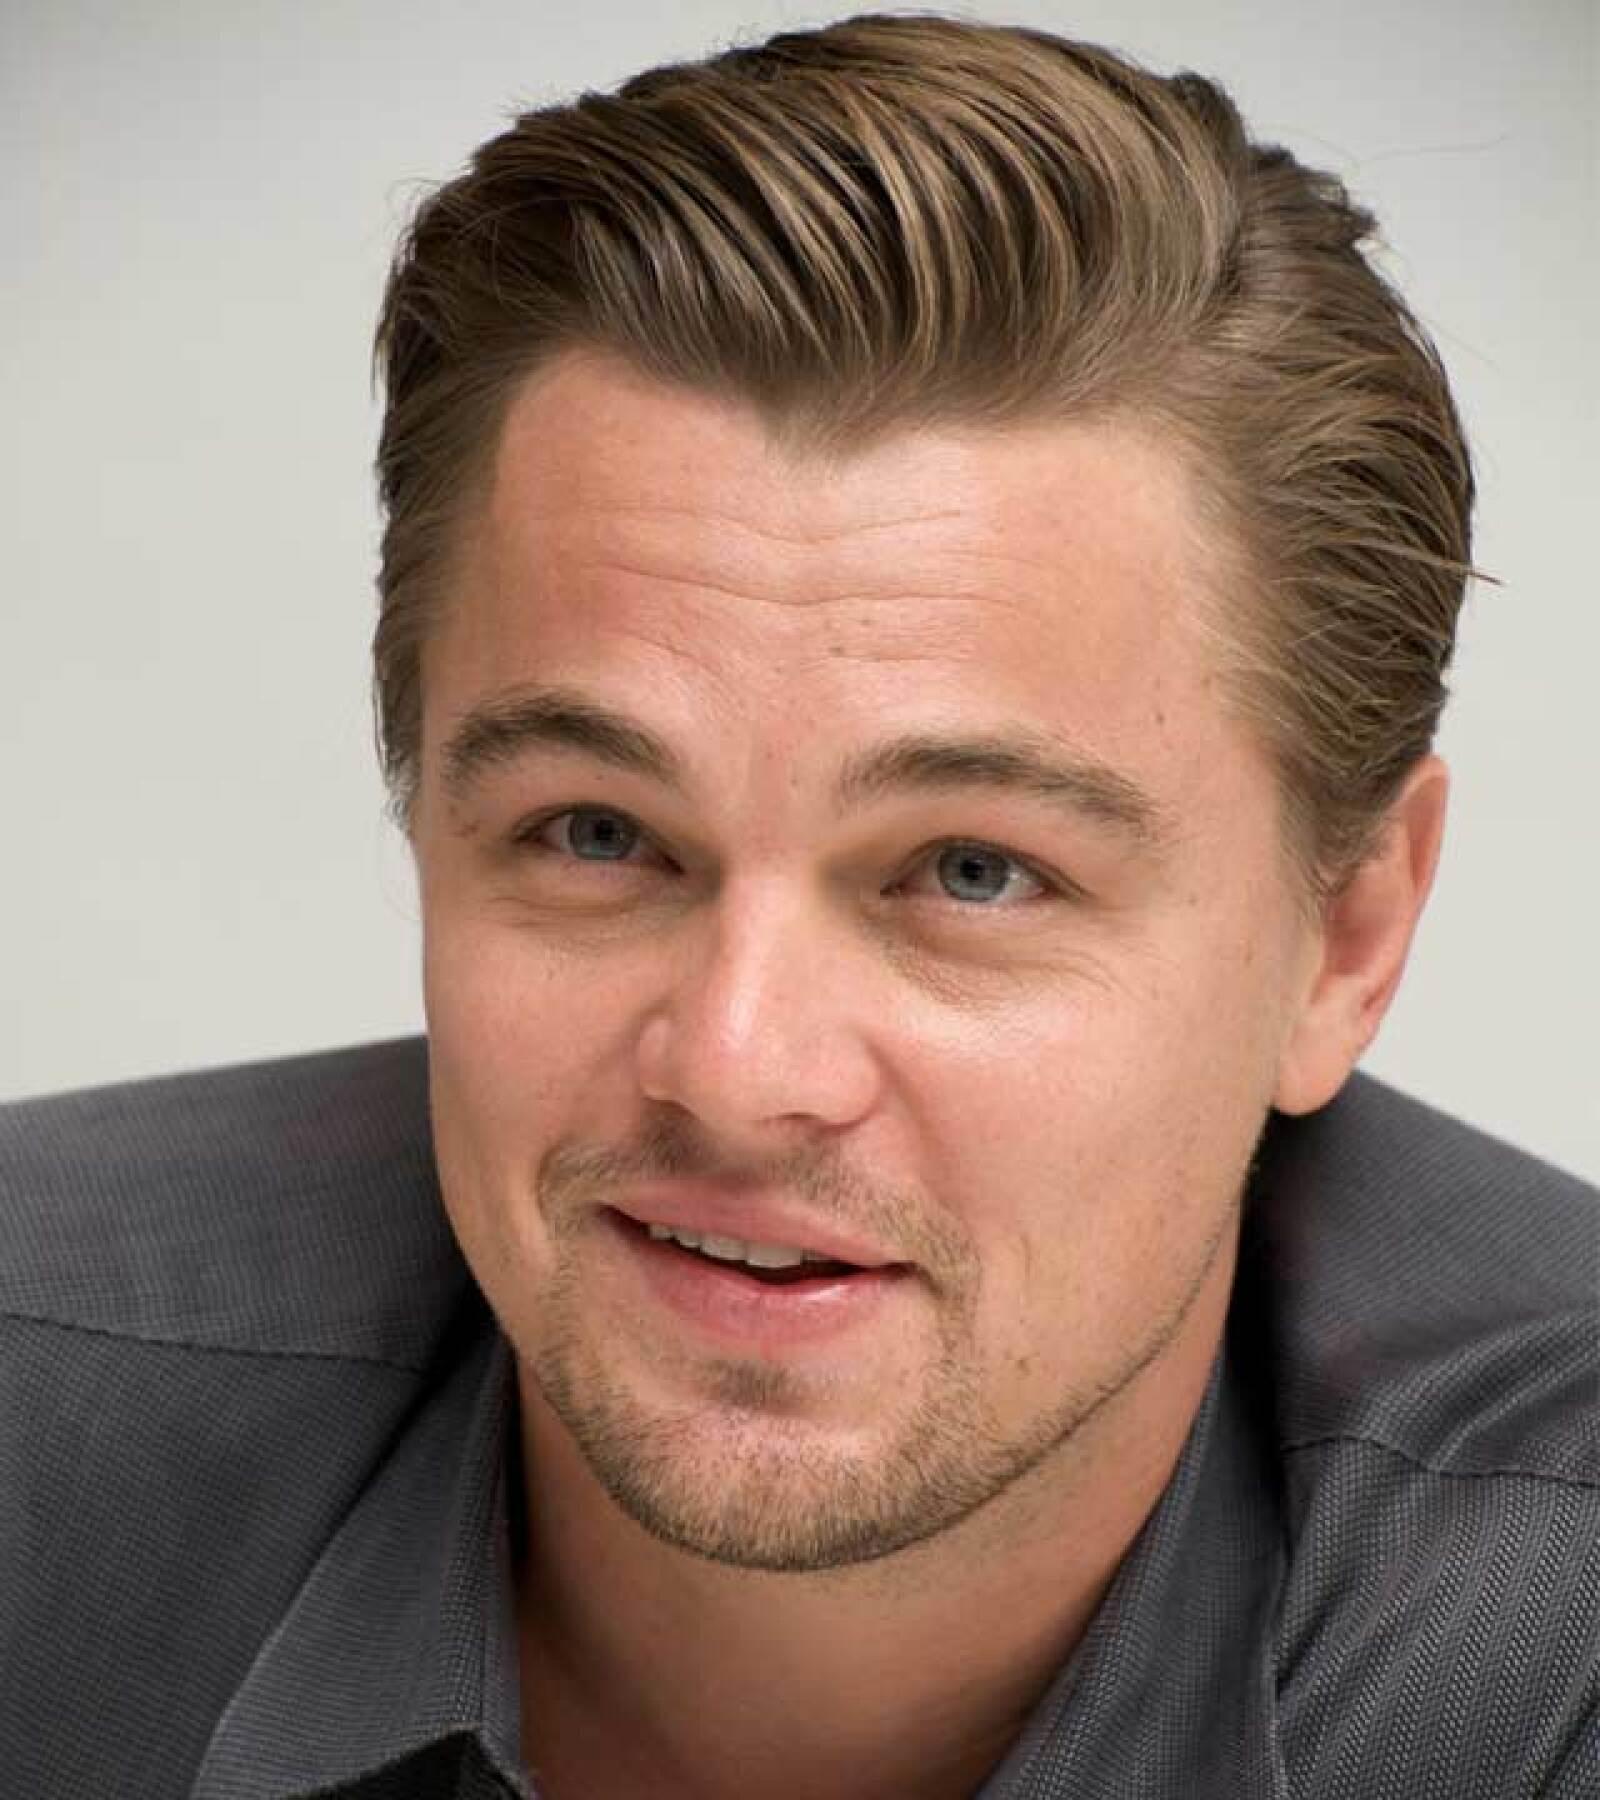 """Después de trabajar por cuarta vez con Martin Scorsese en """"La isla siniestra"""", además, Leonardo aceptó protagonizar la cinta de ciencia ficción """"El Origen"""" de Christopher Nolan."""